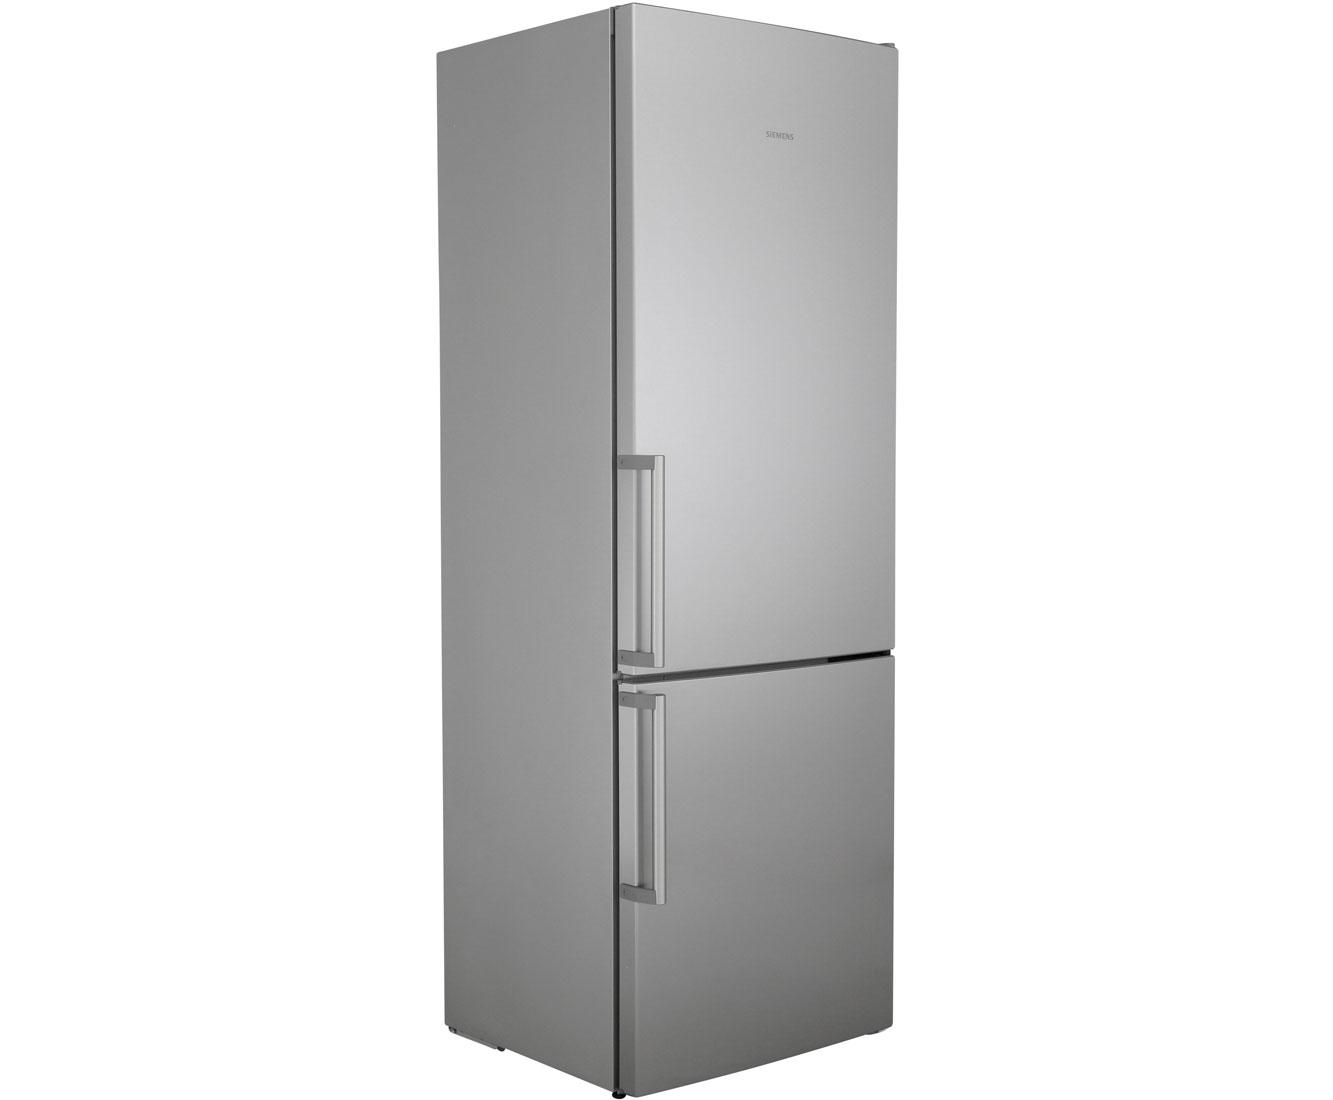 Siemens Kühlschrank Vitafresh : Siemens gefrier kühlschrank preisvergleich u die besten angebote